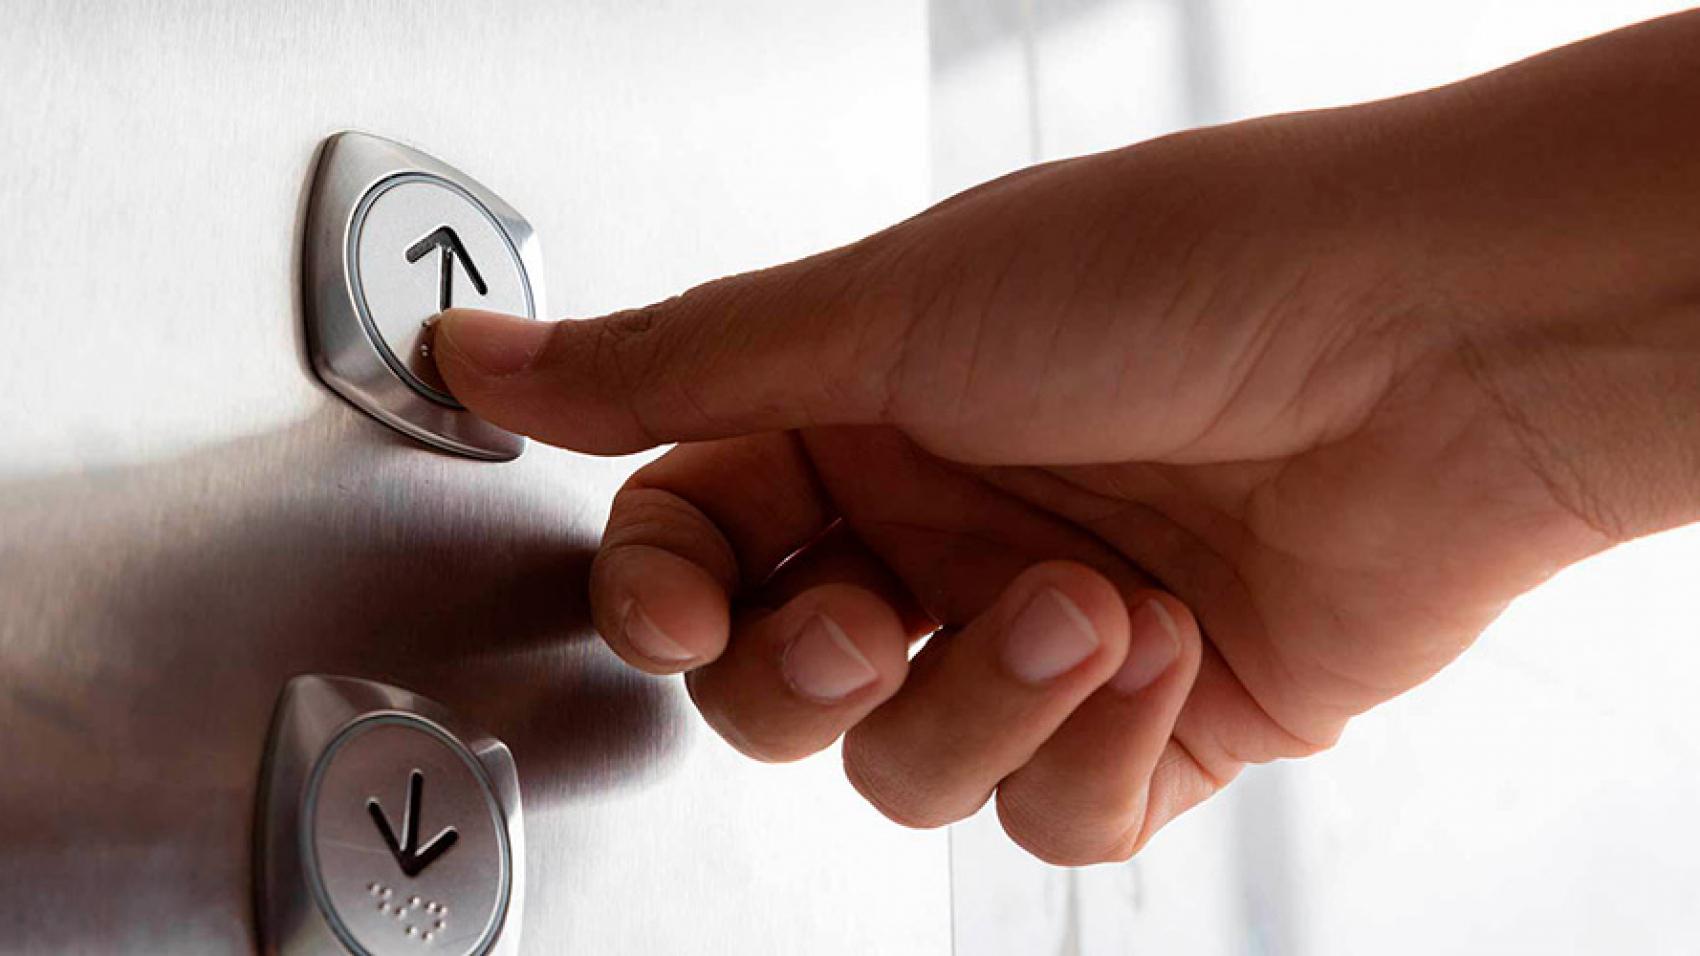 ipmgroup-se-aprueba-la-revision-obligatoria-para-ascensores-en-cali